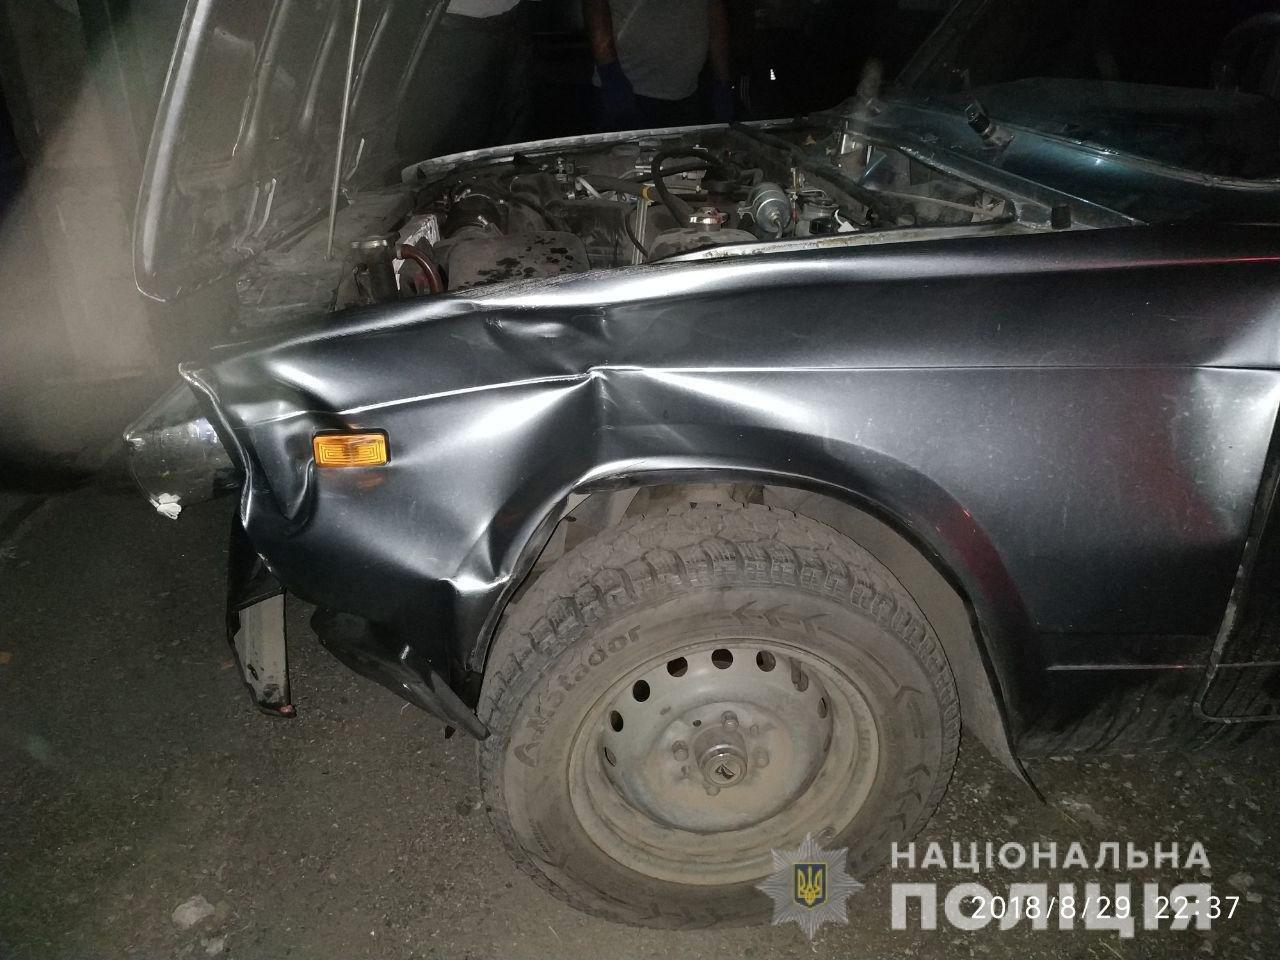 В Днепропетровской области сбили насмерть 15-летнюю девушку: водитель сбежал, - ФОТО, фото-2